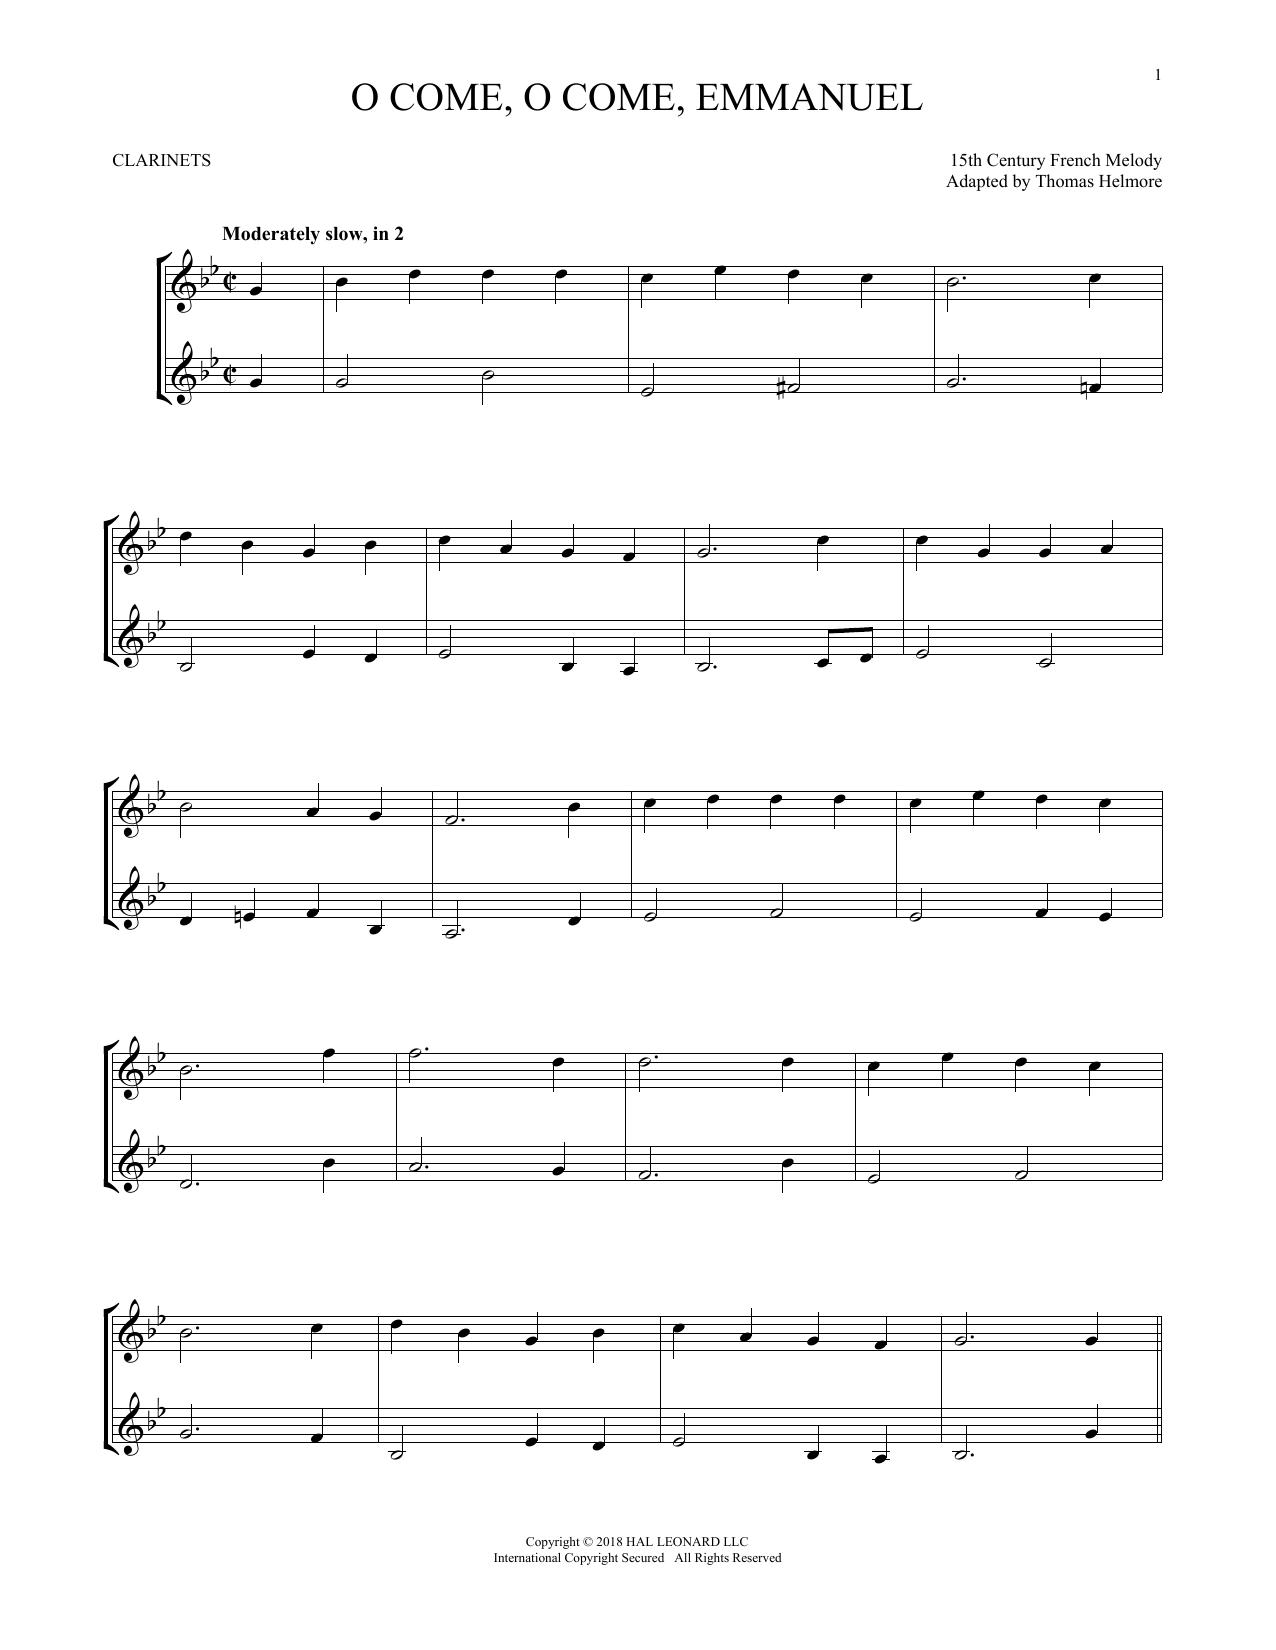 O Come, O Come, Emmanuel (Clarinet Duet)